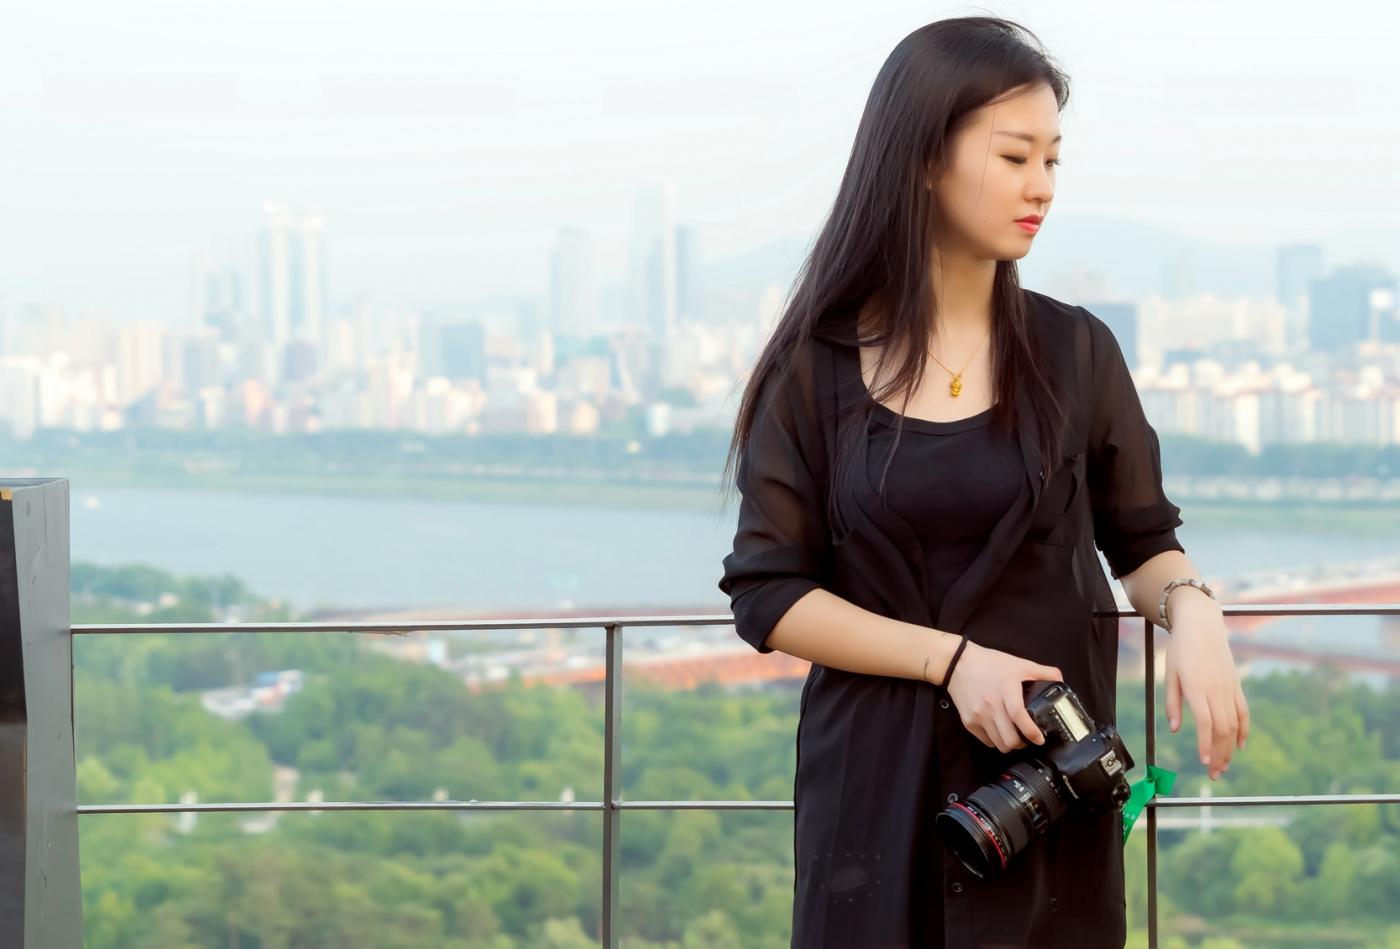 我所见过的最漂亮的女摄影师 姑娘的摄影是舞蹈老师教的吧_图1-18